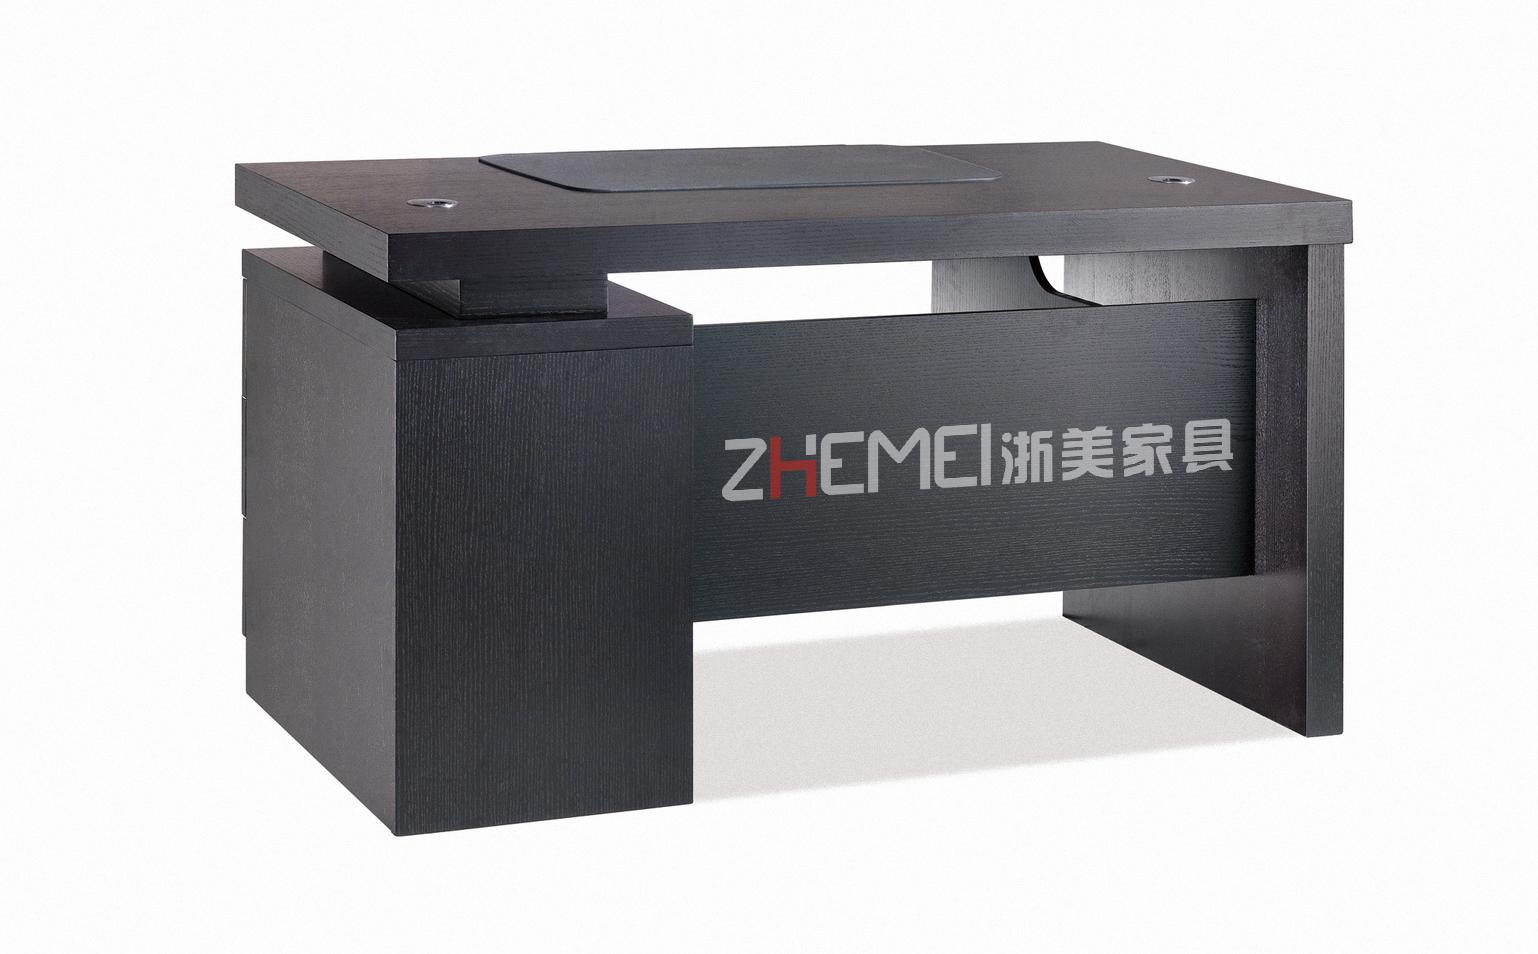 浙美时尚简约高端办公室办公桌、职员电脑桌